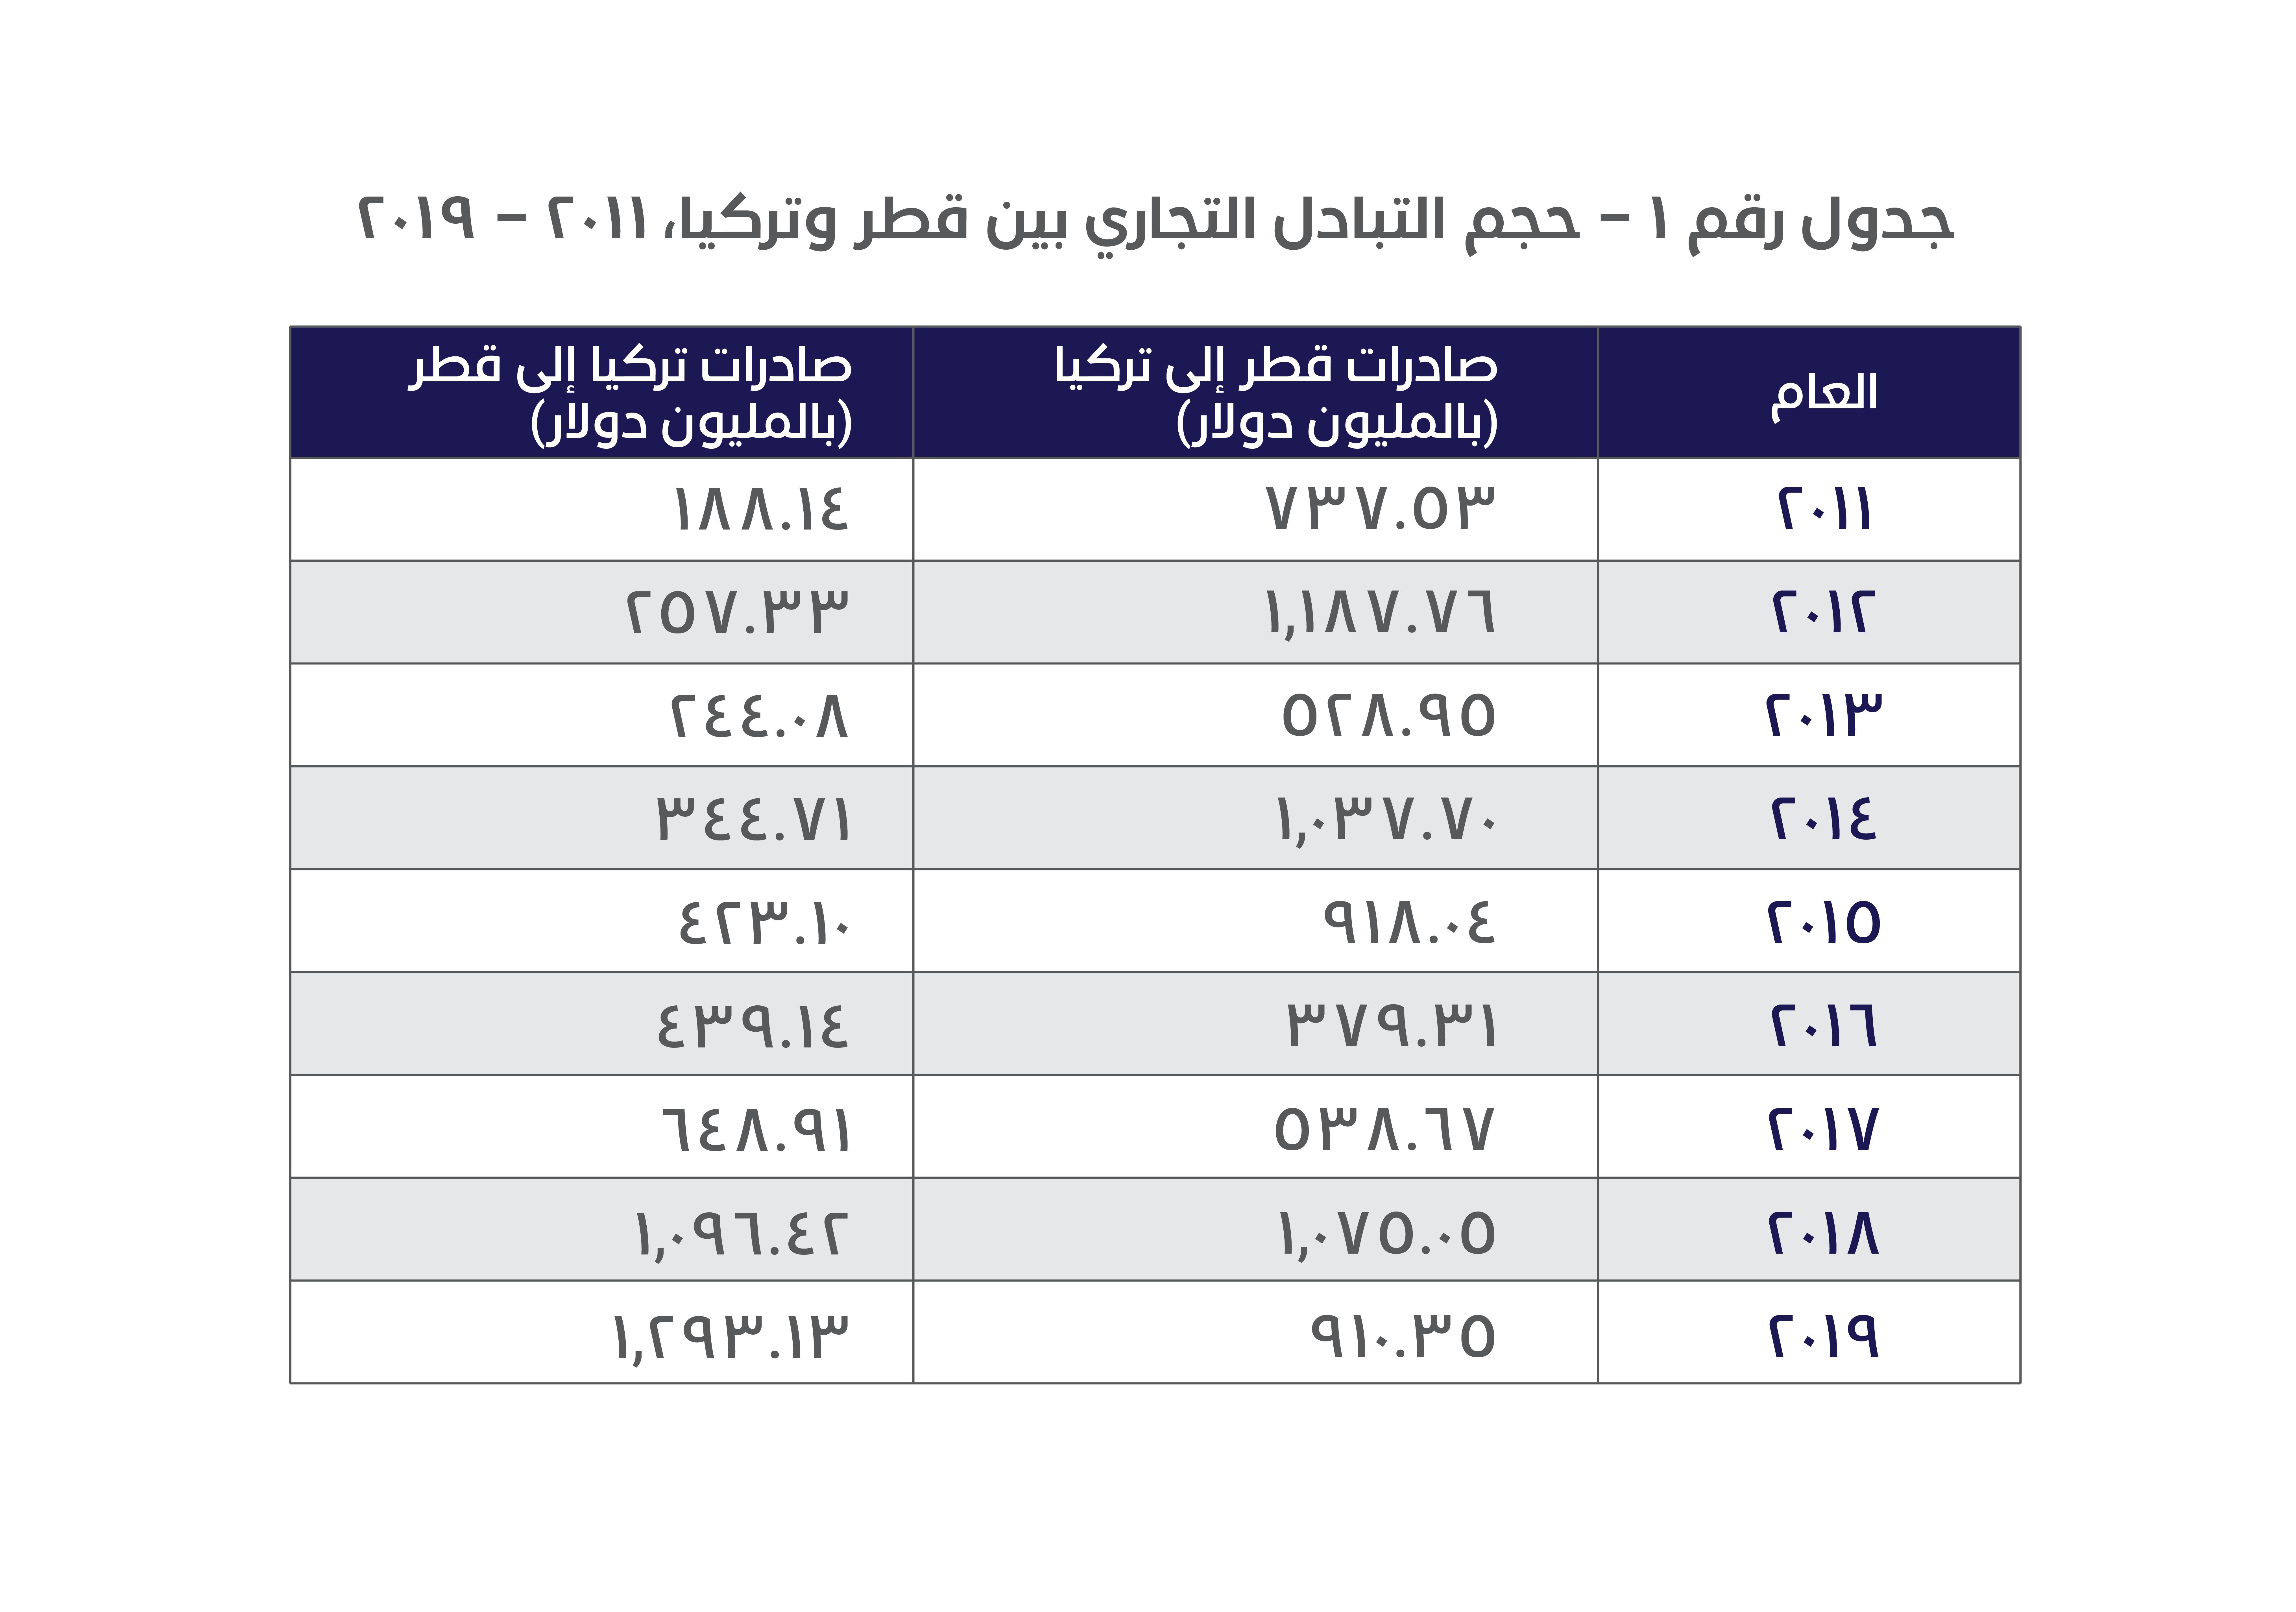 جدول رقم 1 – حجم التبادل التجاري بين قطر وتركيا من 2011 إلى 2019